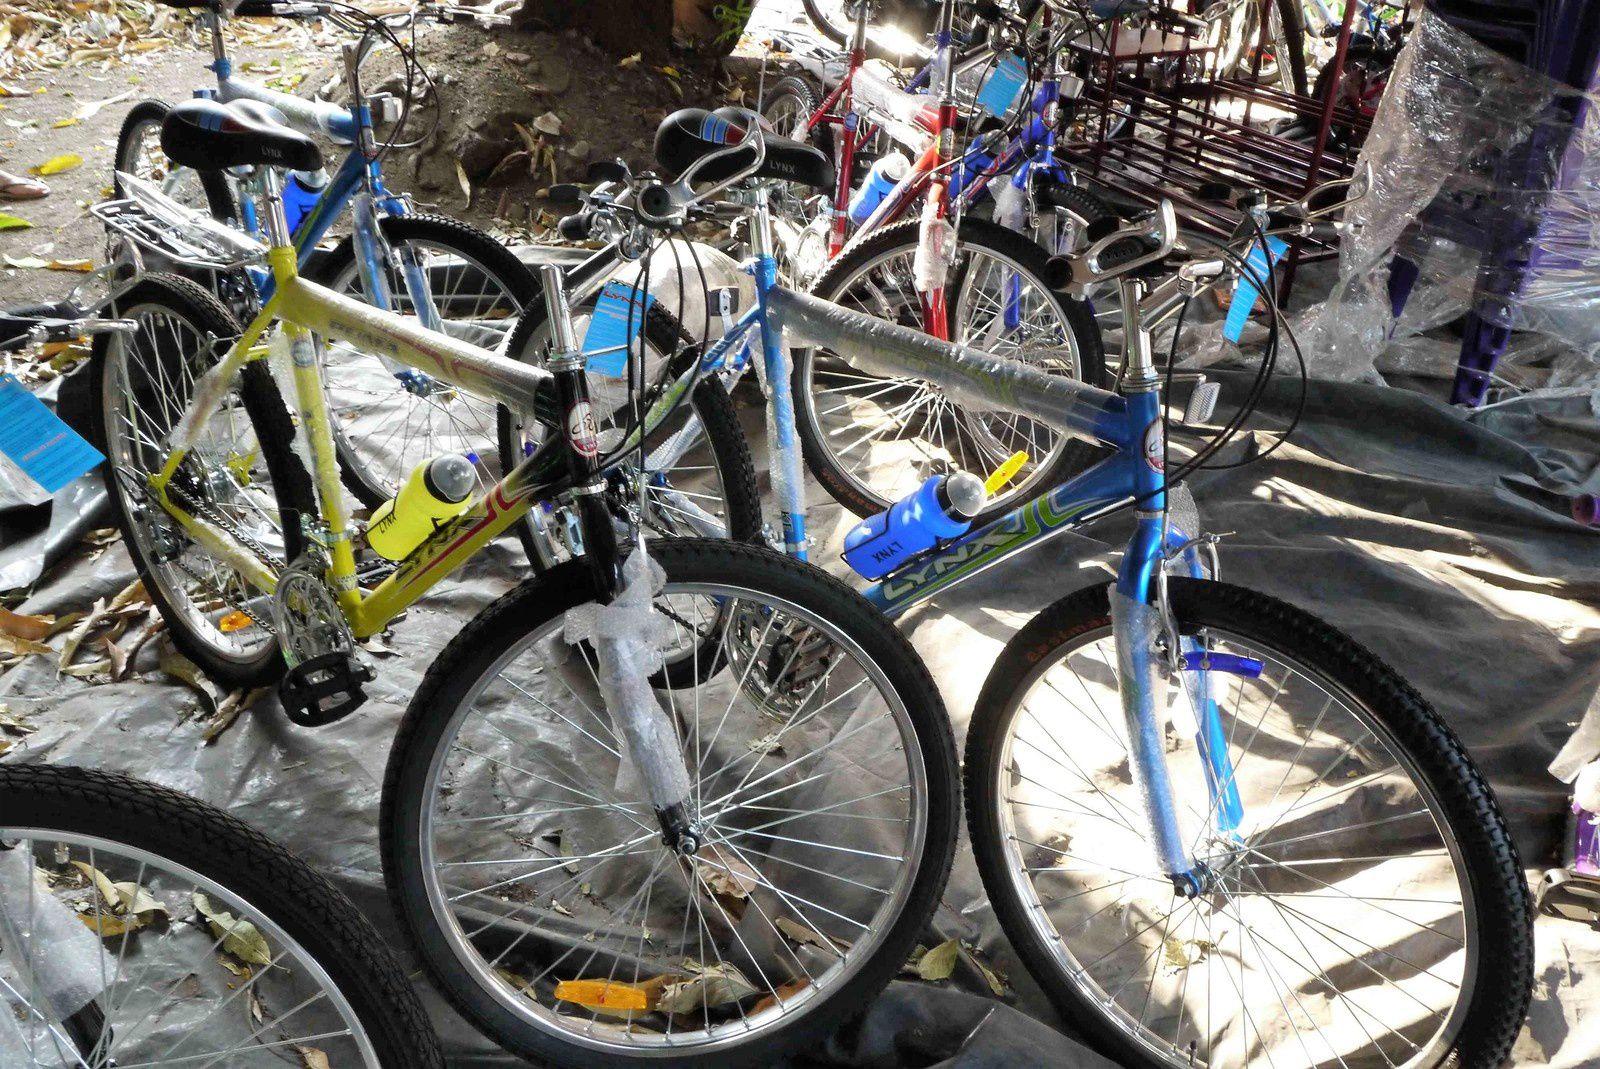 Les vélos sont bien là. Pas de chichis sur les vélos. Du fonctionnel exclusivement, produit au Salvador, au meilleur prix : 95 $ pour le vélo bleu (actuellement, pour faire simple 1 dollar = 1 euro)